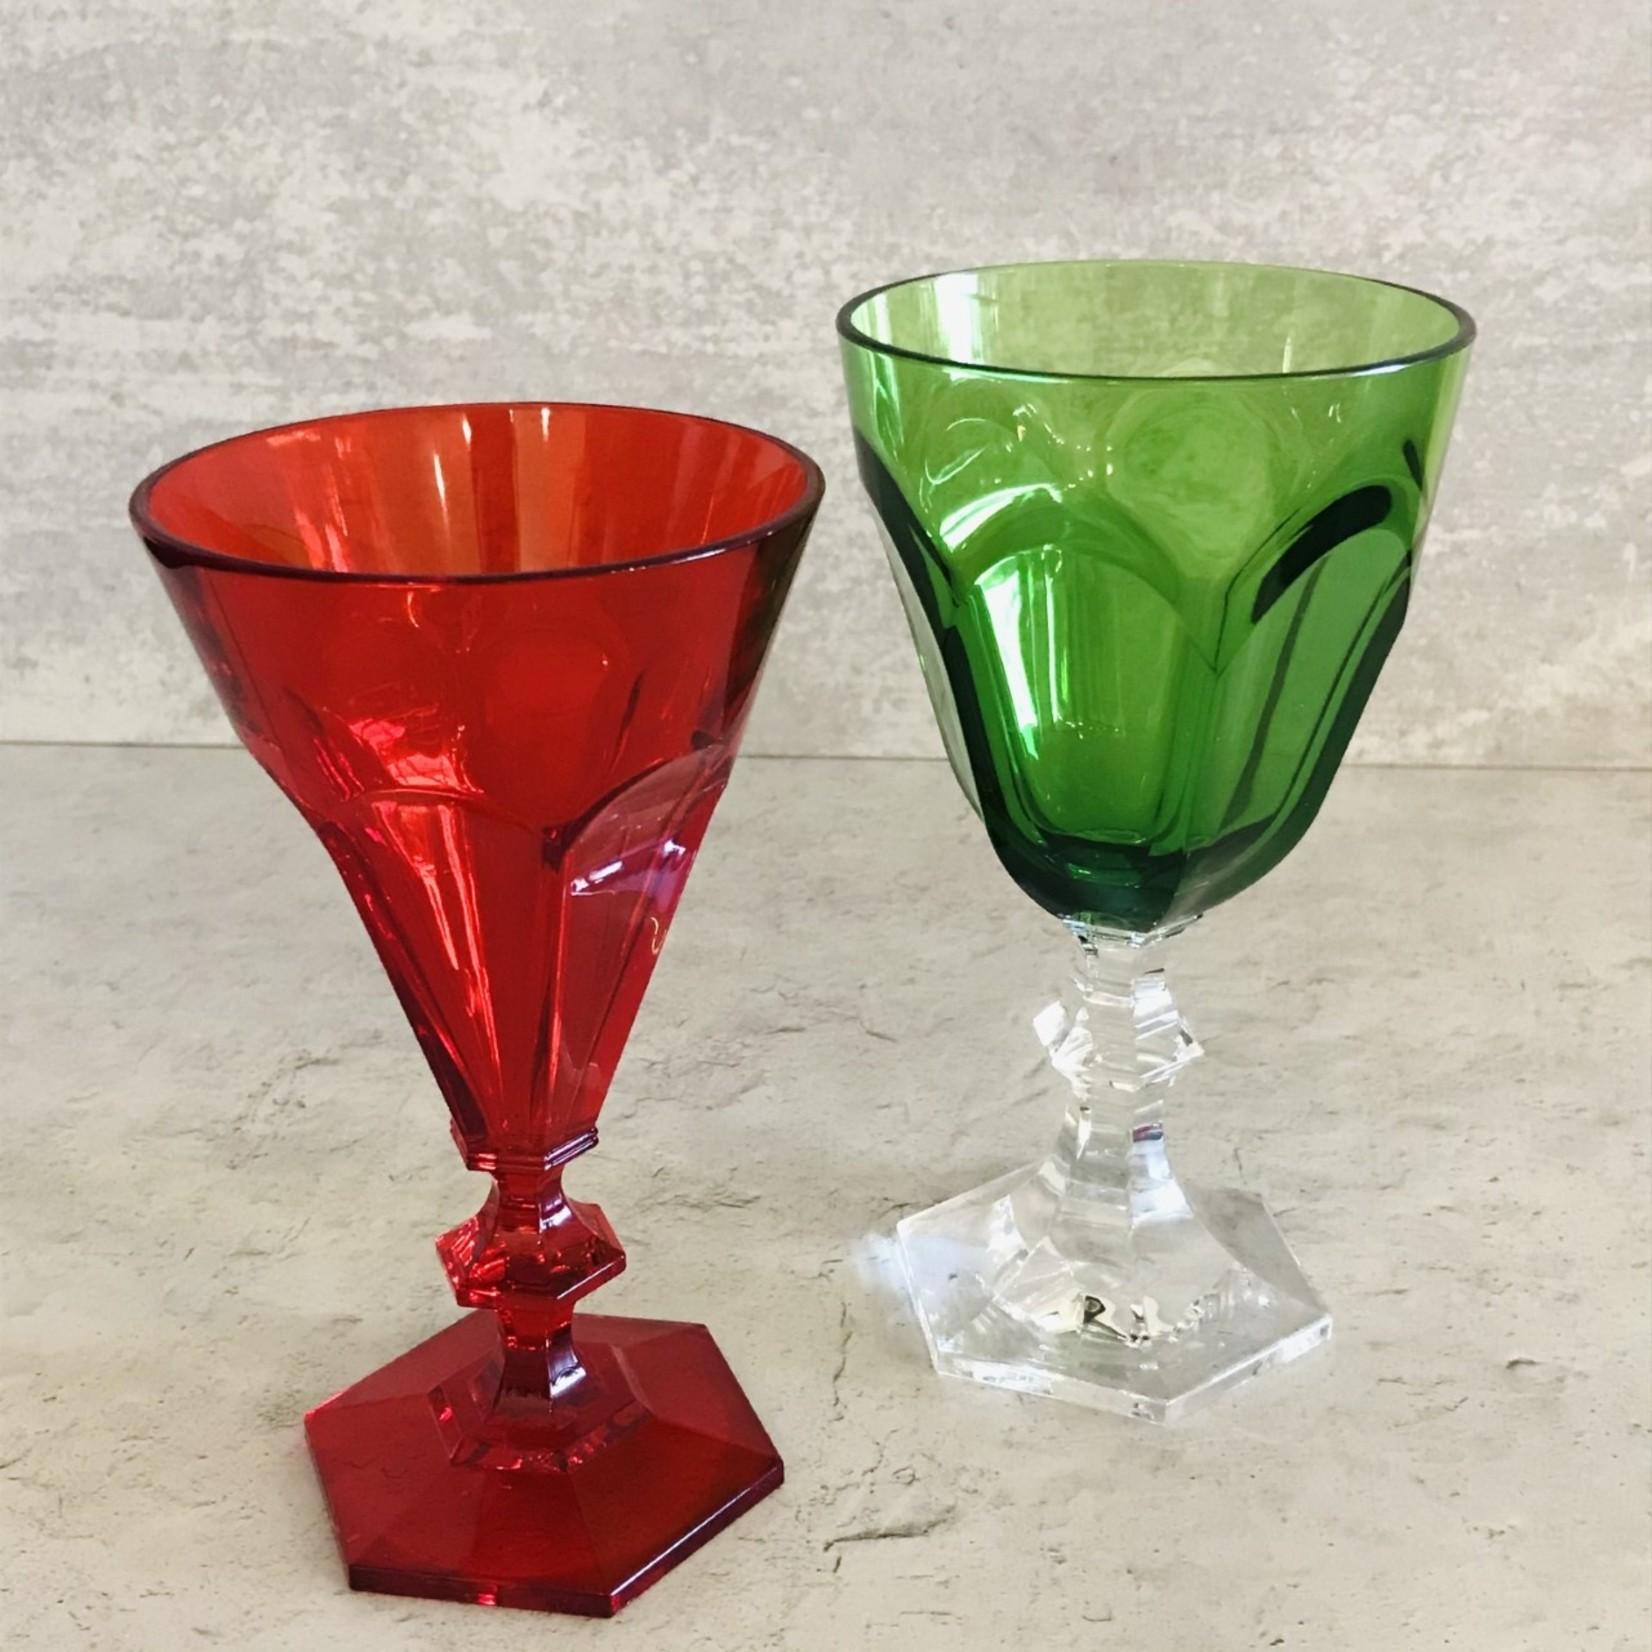 Marioluca Giusti Marioluca Giusti-Dolce Vita Water-Green